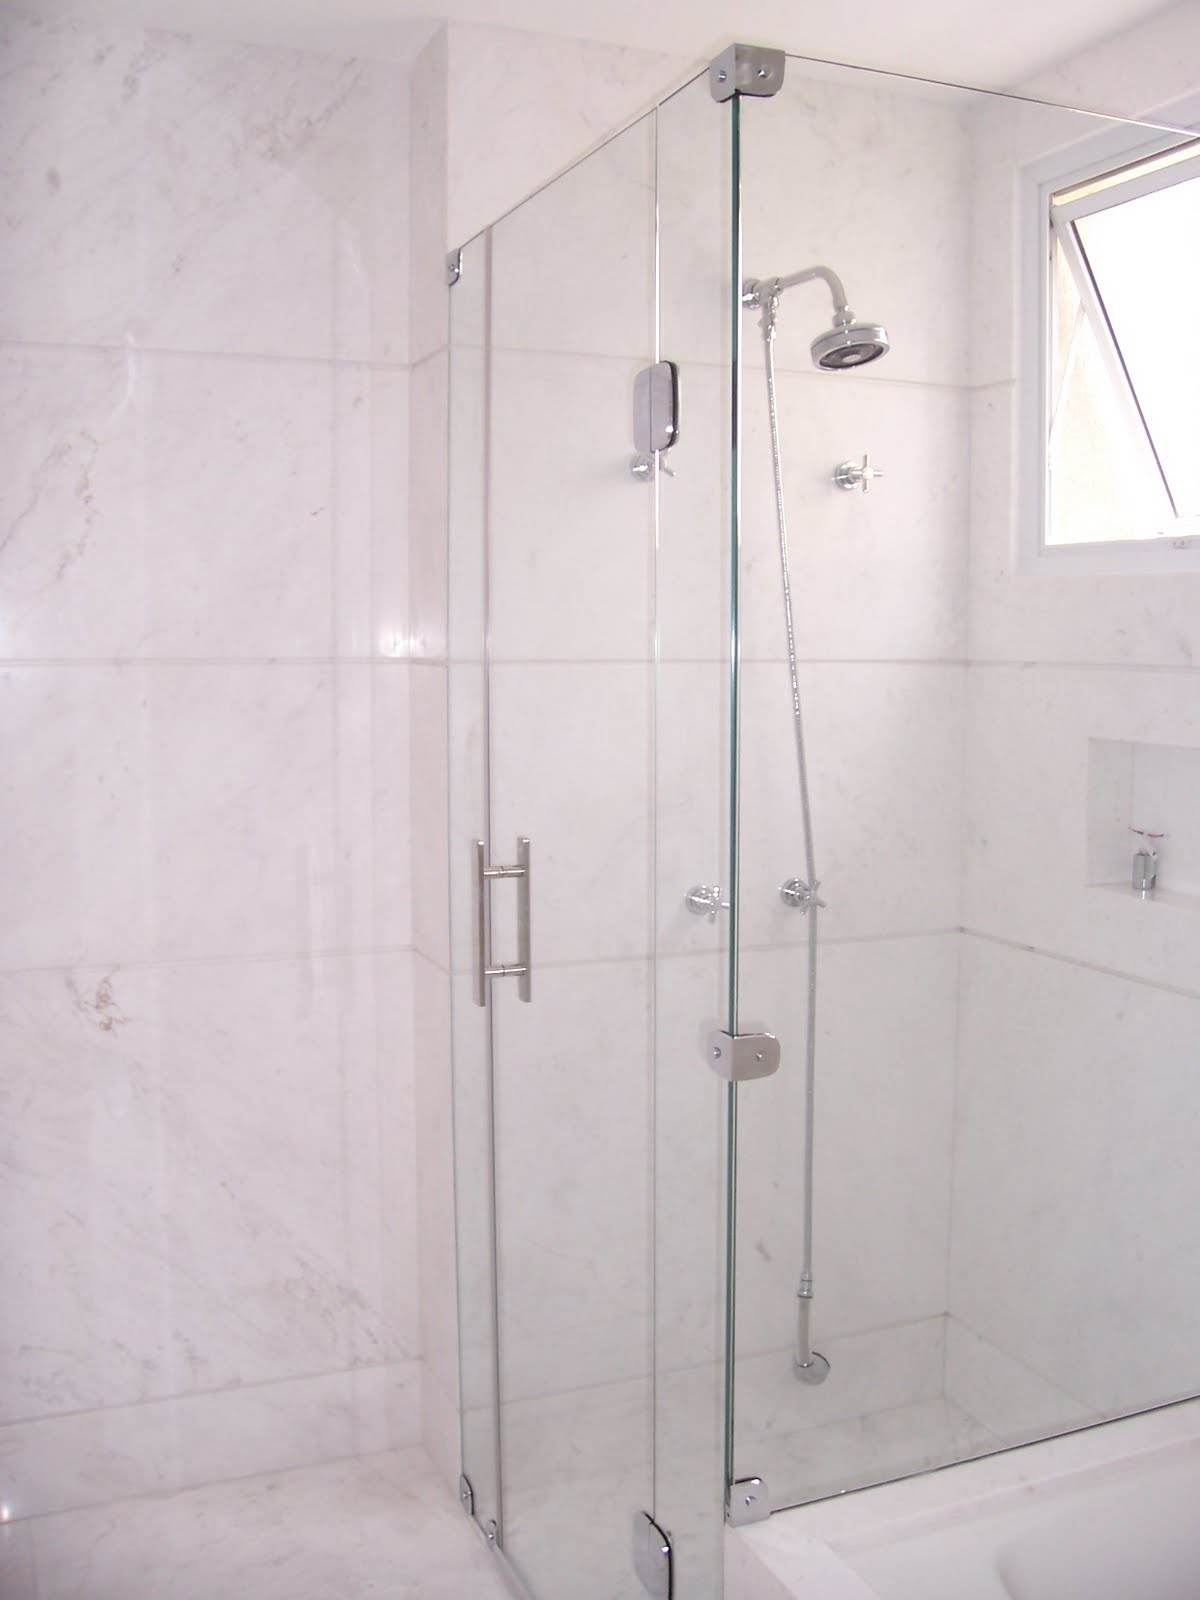 BOX PARA BANHEIRO: Sejam bem vindos! #705C61 1200x1600 Banheiro Com Box De Canto